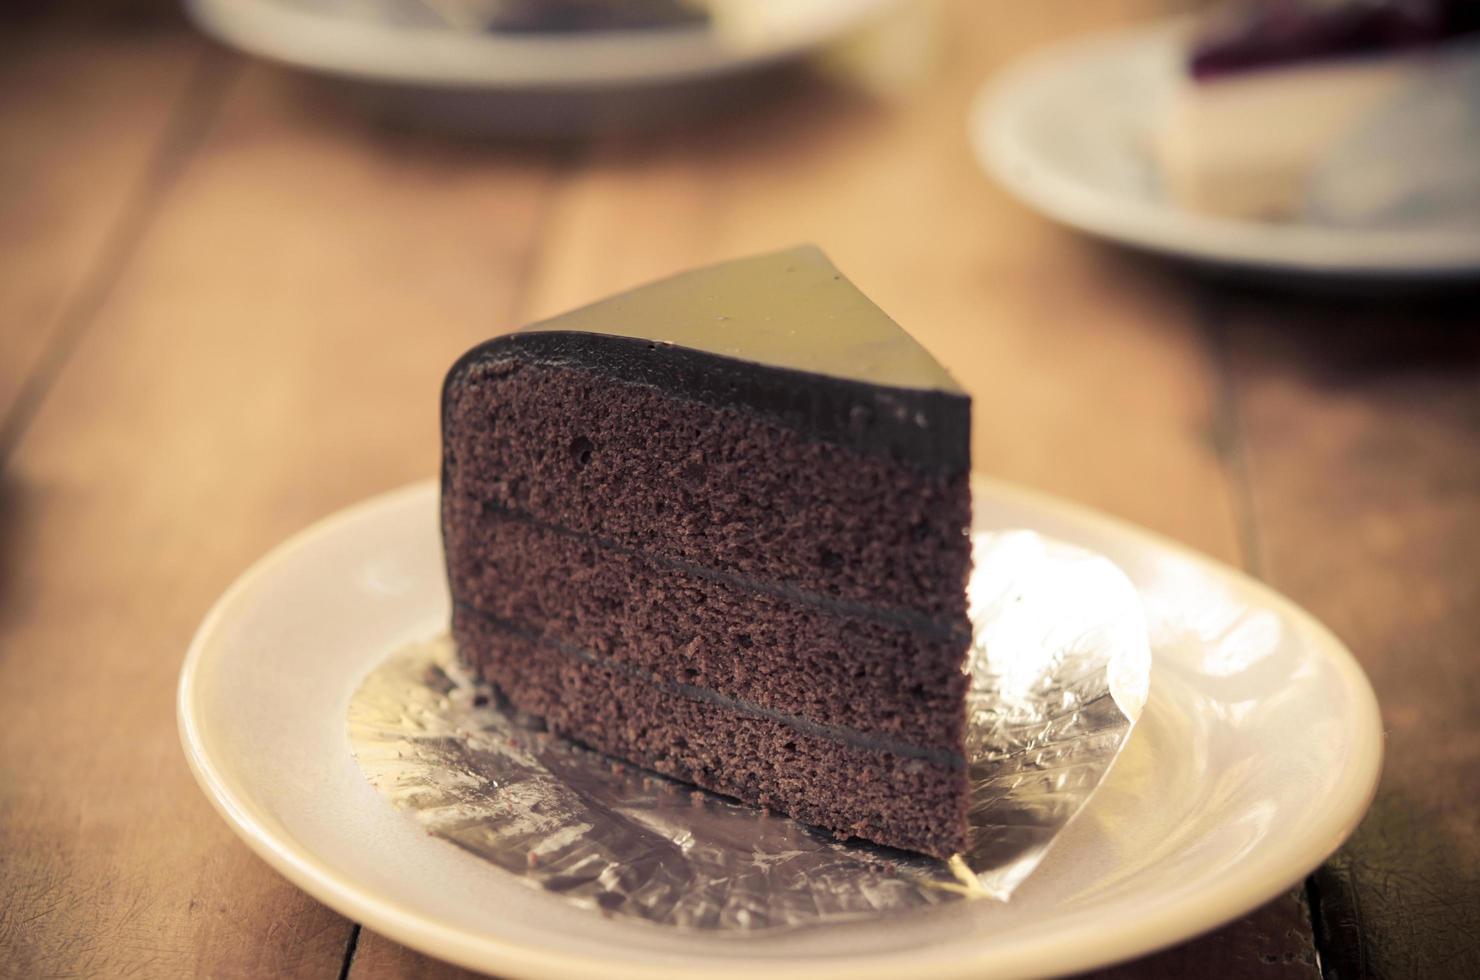 chocoladetaart op een bord foto